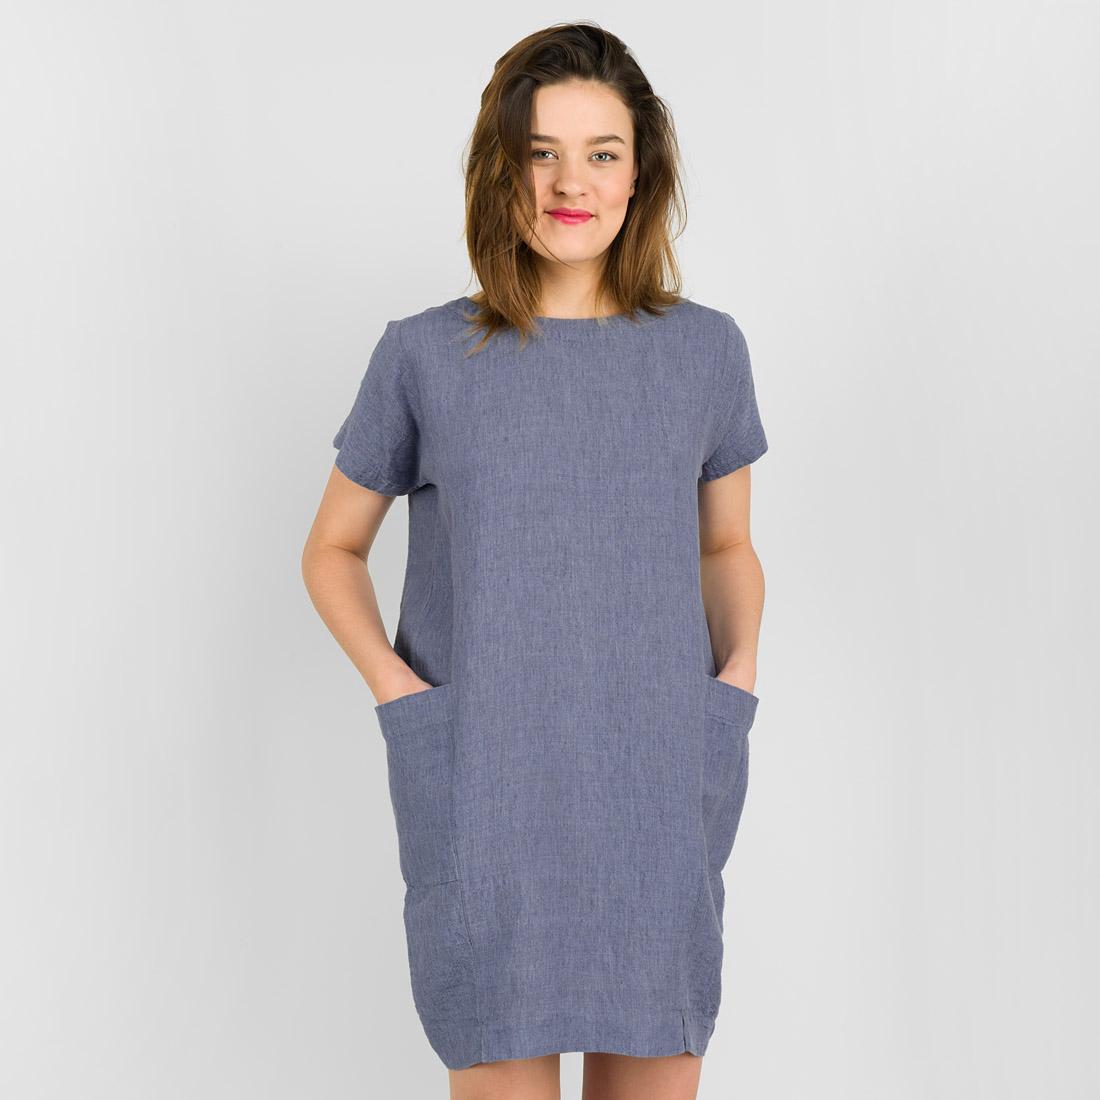 Lininė suknelė, trumpa, iš tamsių mėlynai pilkų ir melsvų verpalų audinio. Gamintojas - AB